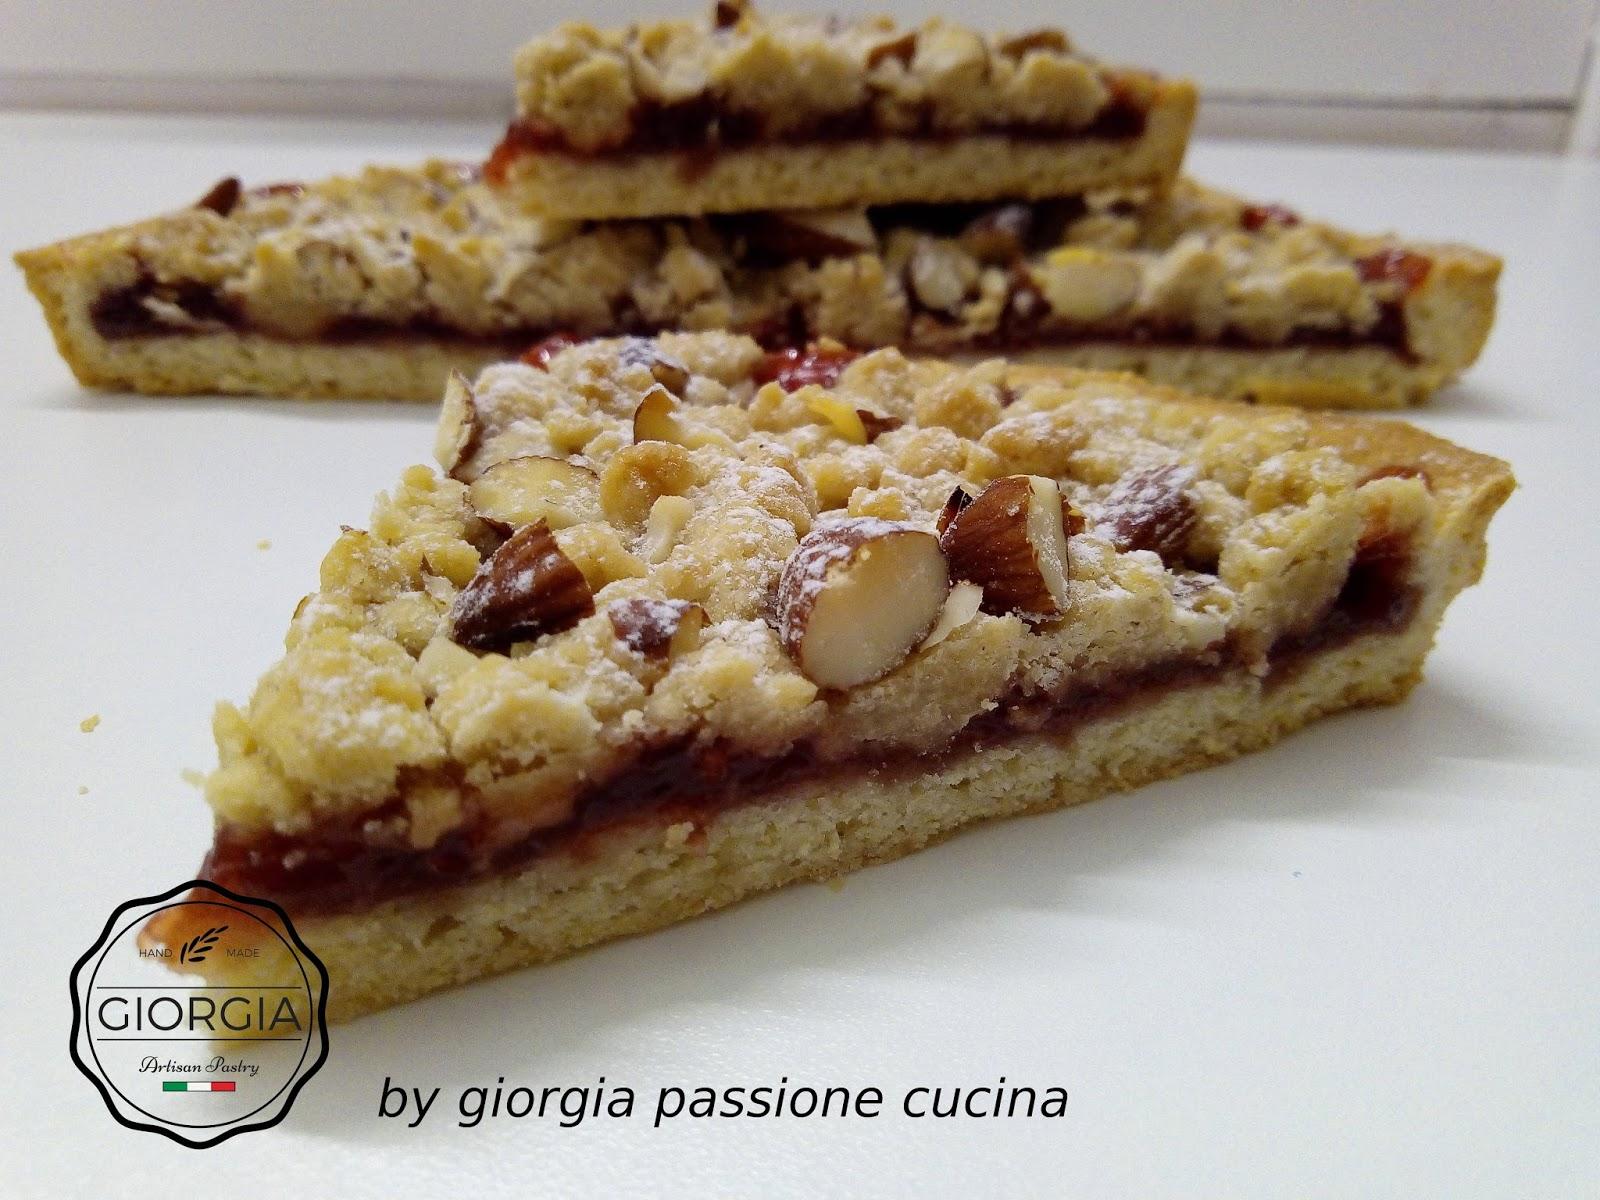 giorgia passione cucina: Strawberry crumble con cannella e mandorle ...